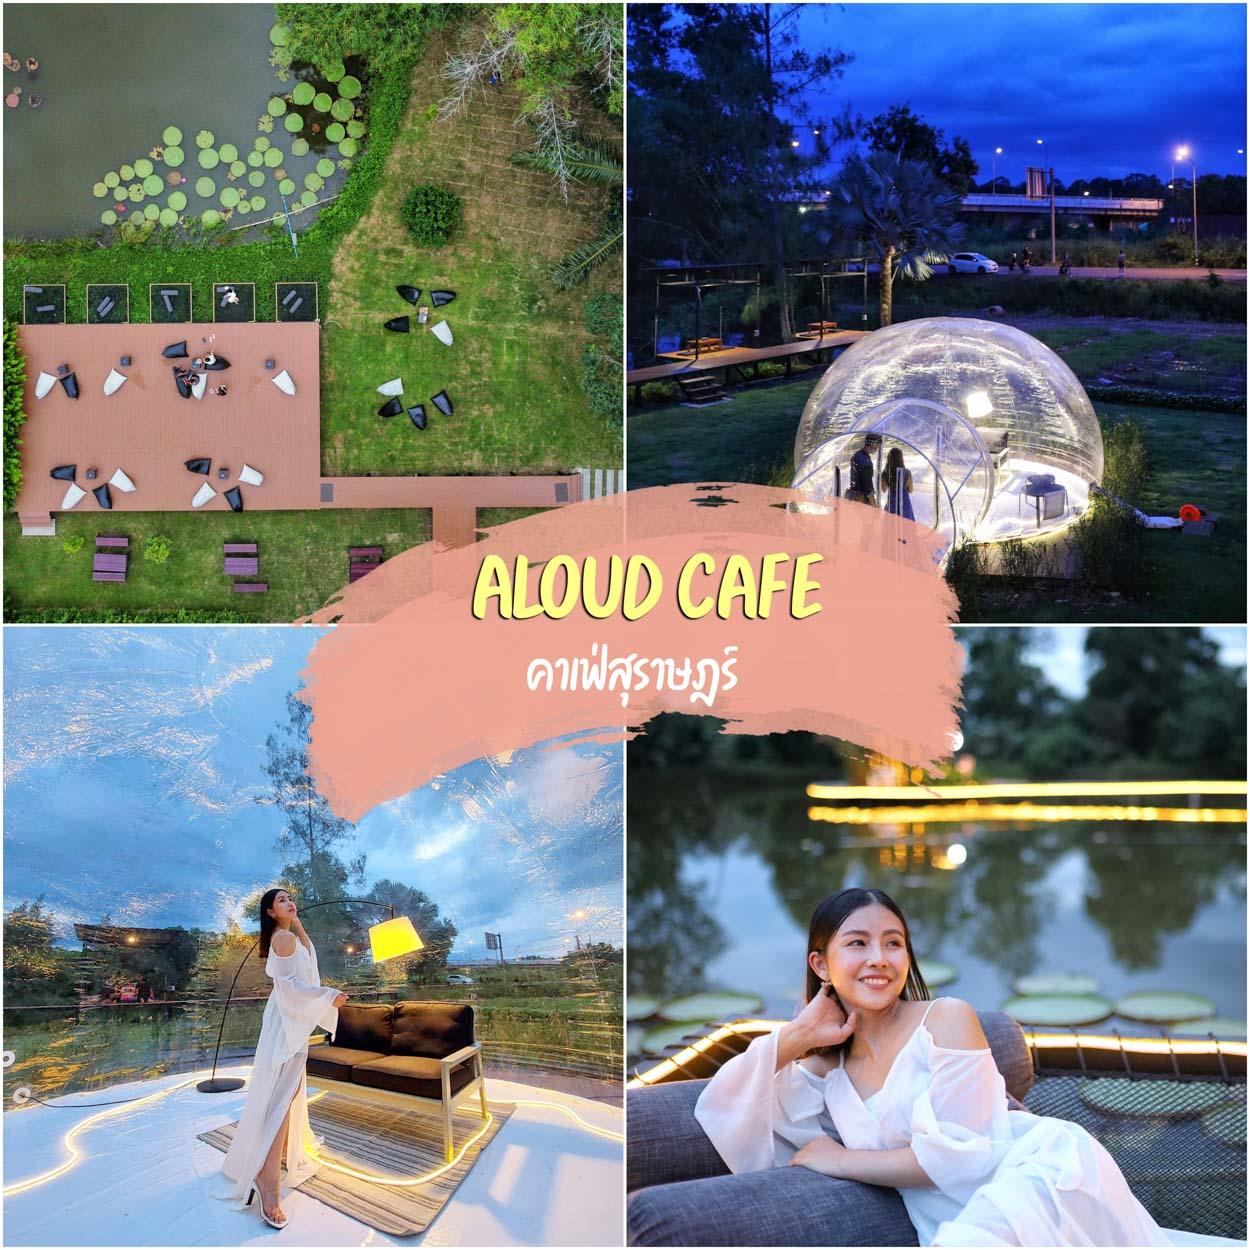 ALOUD CAFE สุราษฏร์ธานี คาเฟ่เปิดใหม่ บรรยากาศในสวน ท่ามกลางธรรมชาติ